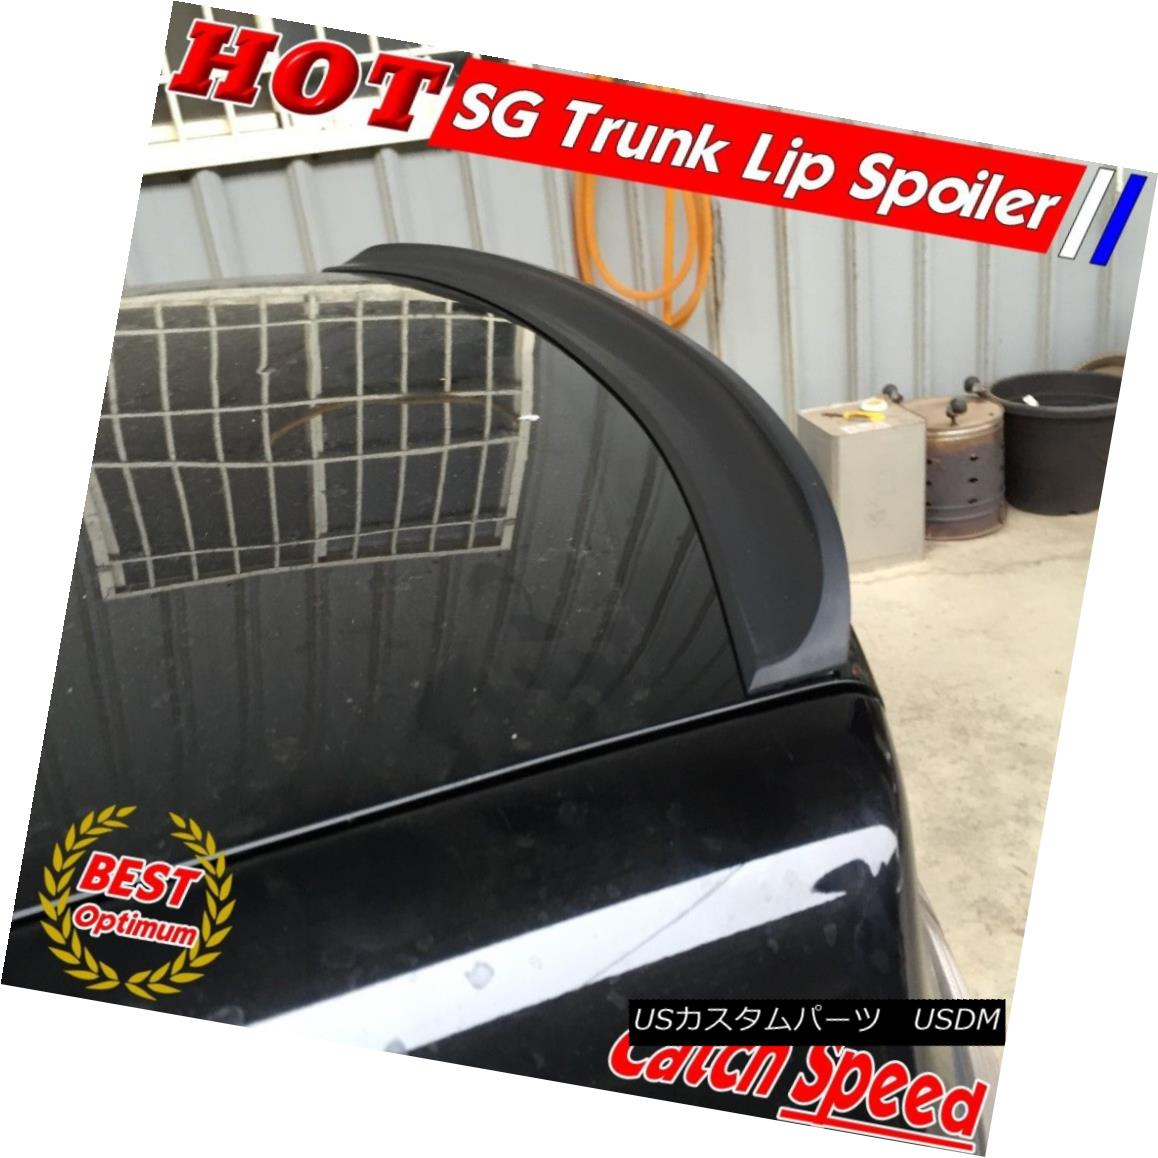 エアロパーツ Flat Black SG Type Rear Trunk Spoiler Wing For Honda Civic 2006-2011 Coupe ? ホンダシビック2006-2011クーペのフラットブラックSGタイプのリアトランク・スポイラー・ウイング?